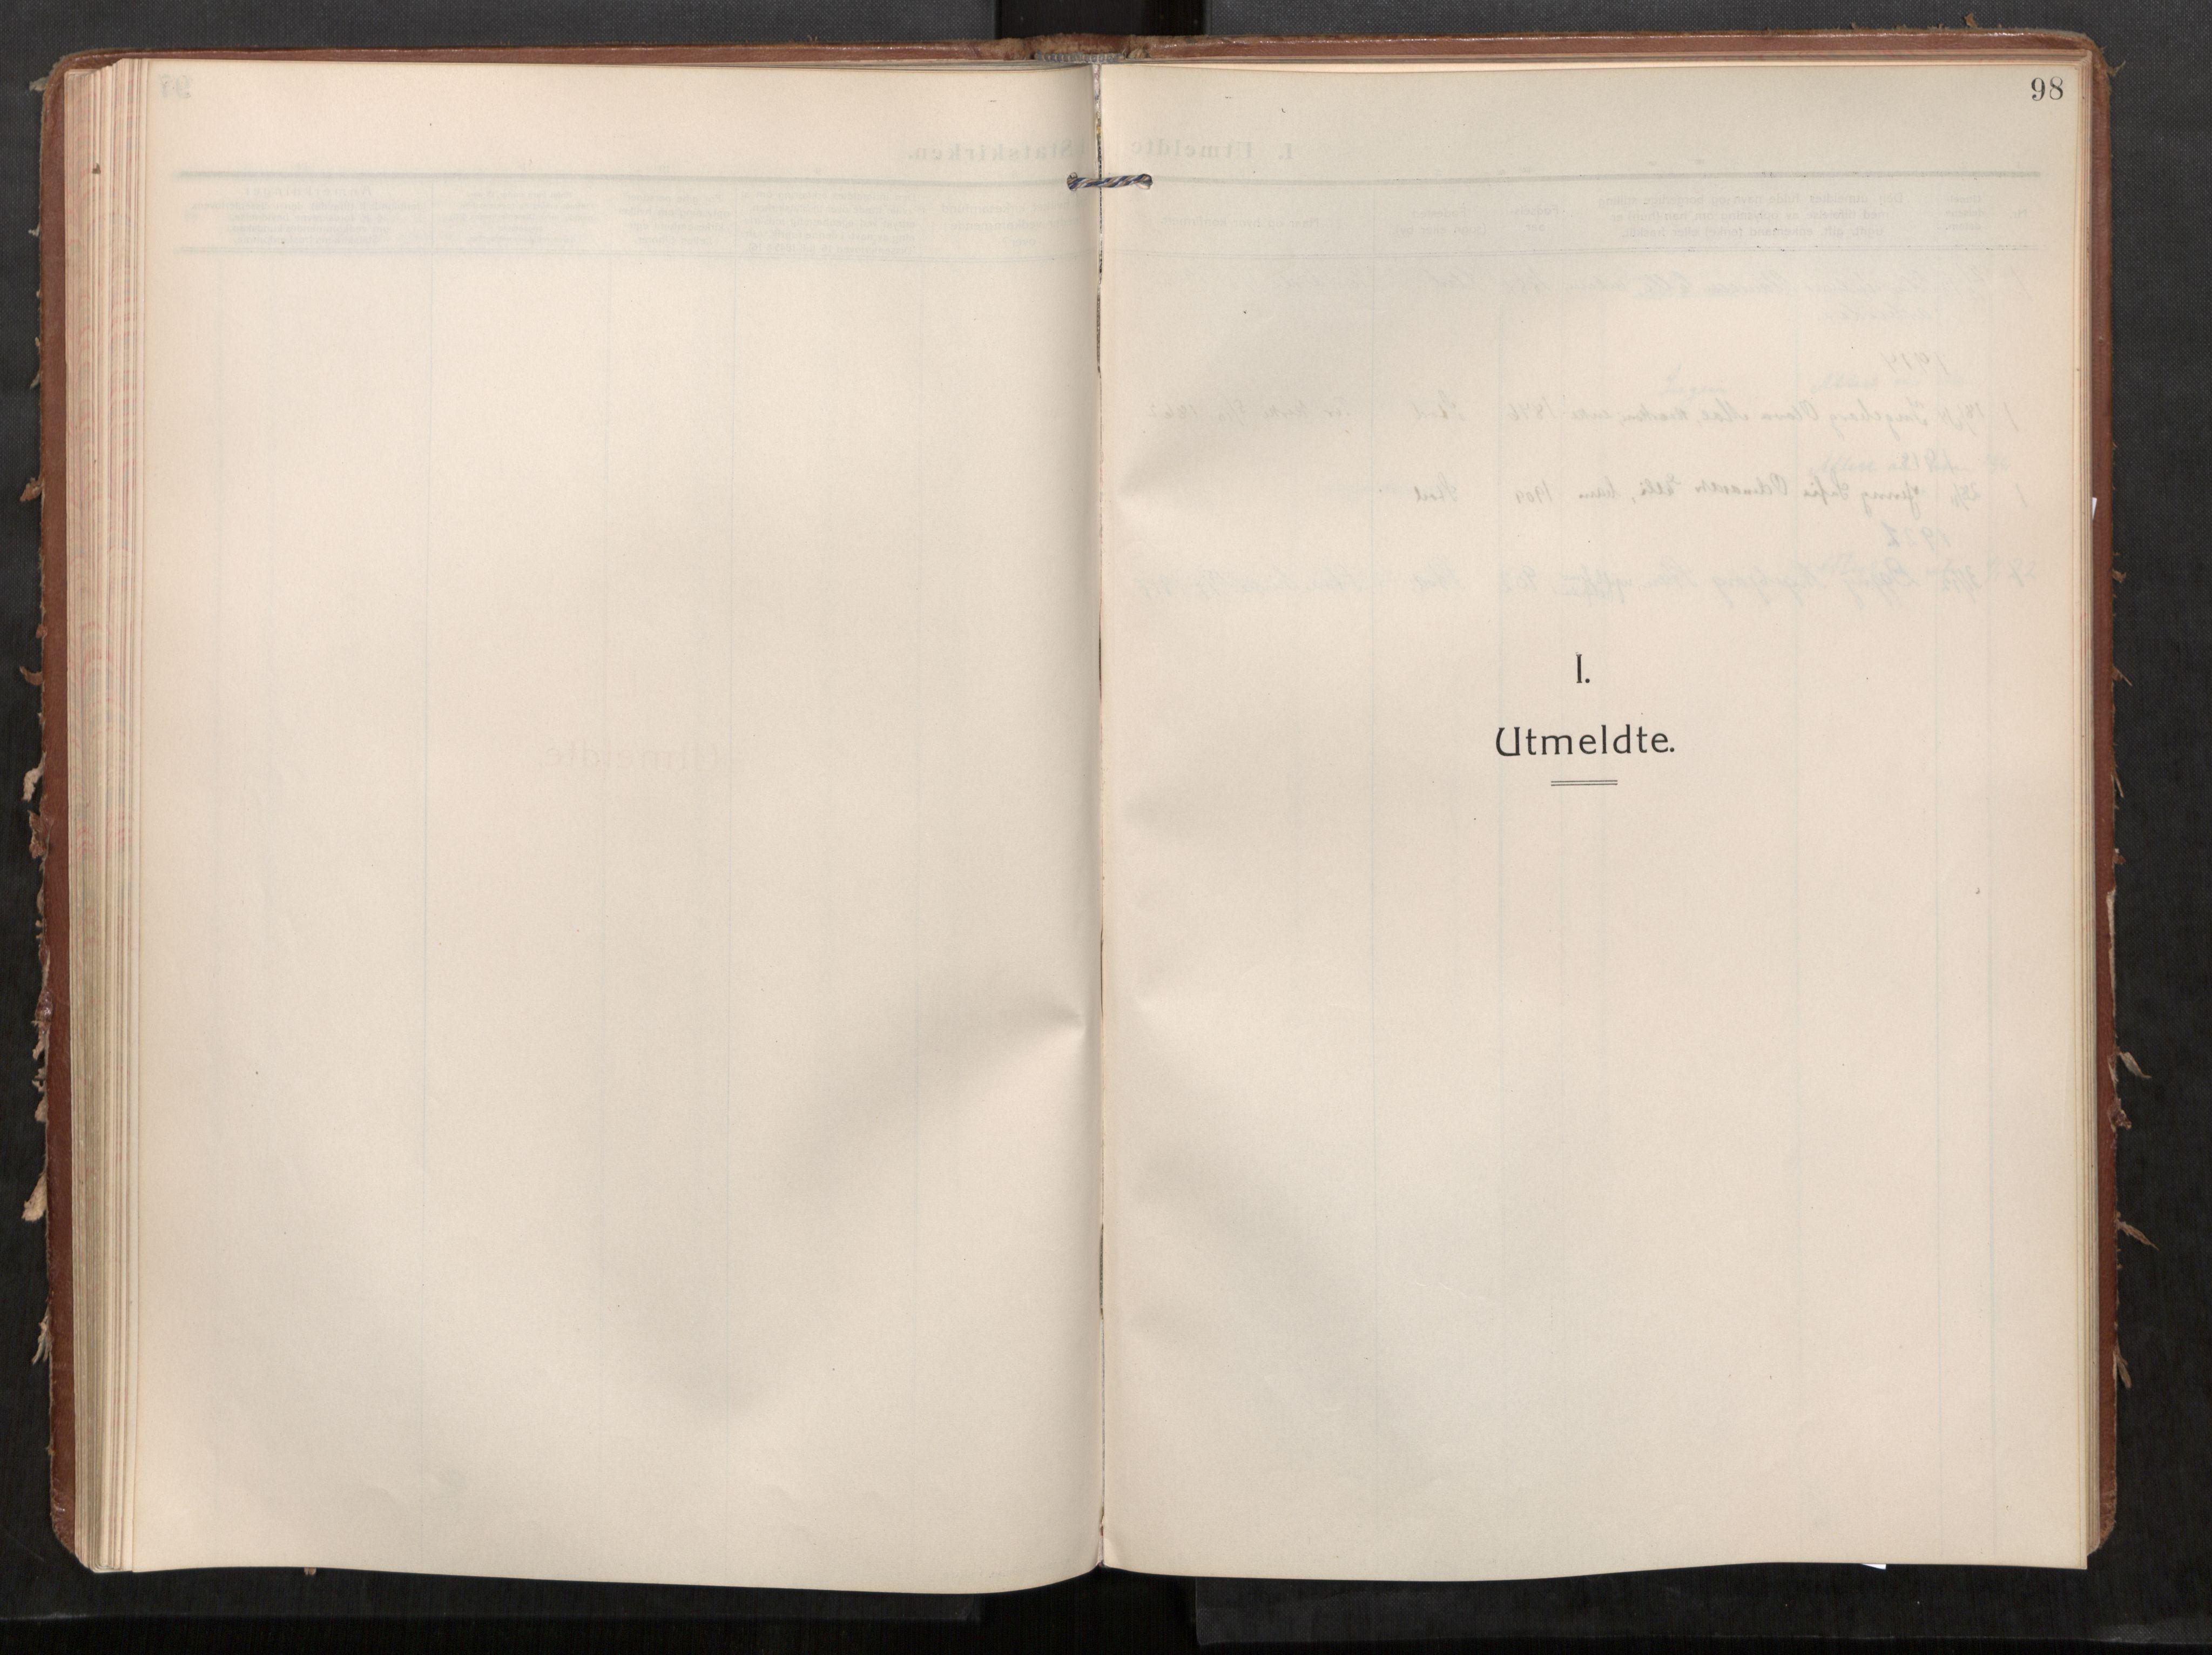 SAT, Stod sokneprestkontor, I/I1/I1a/L0002: Parish register (official) no. 2, 1909-1922, p. 98